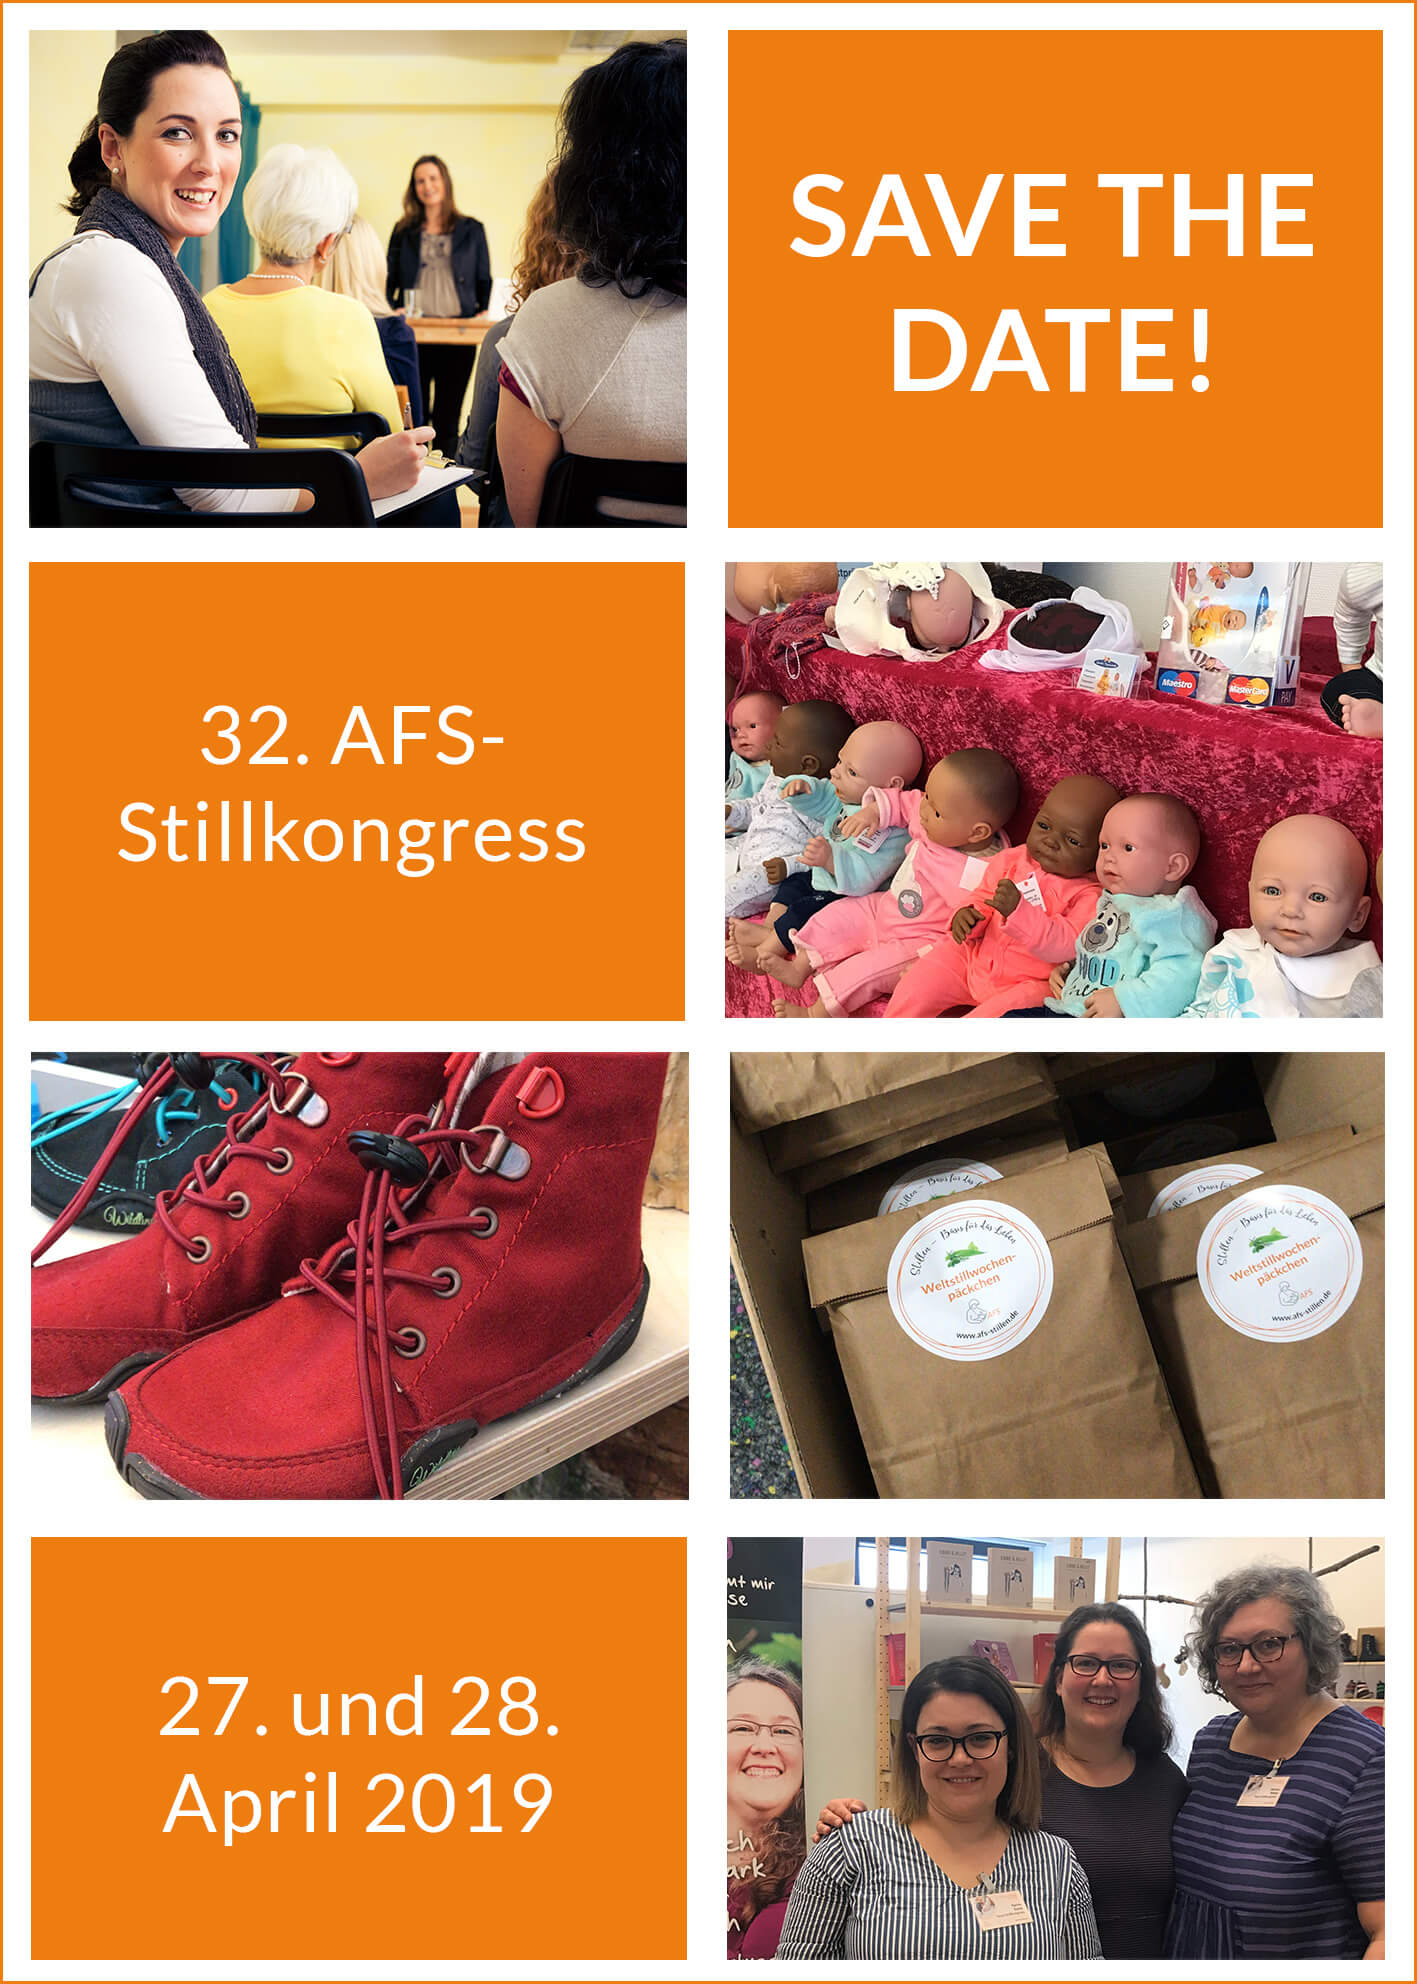 Headerbild Stillkongress mobil